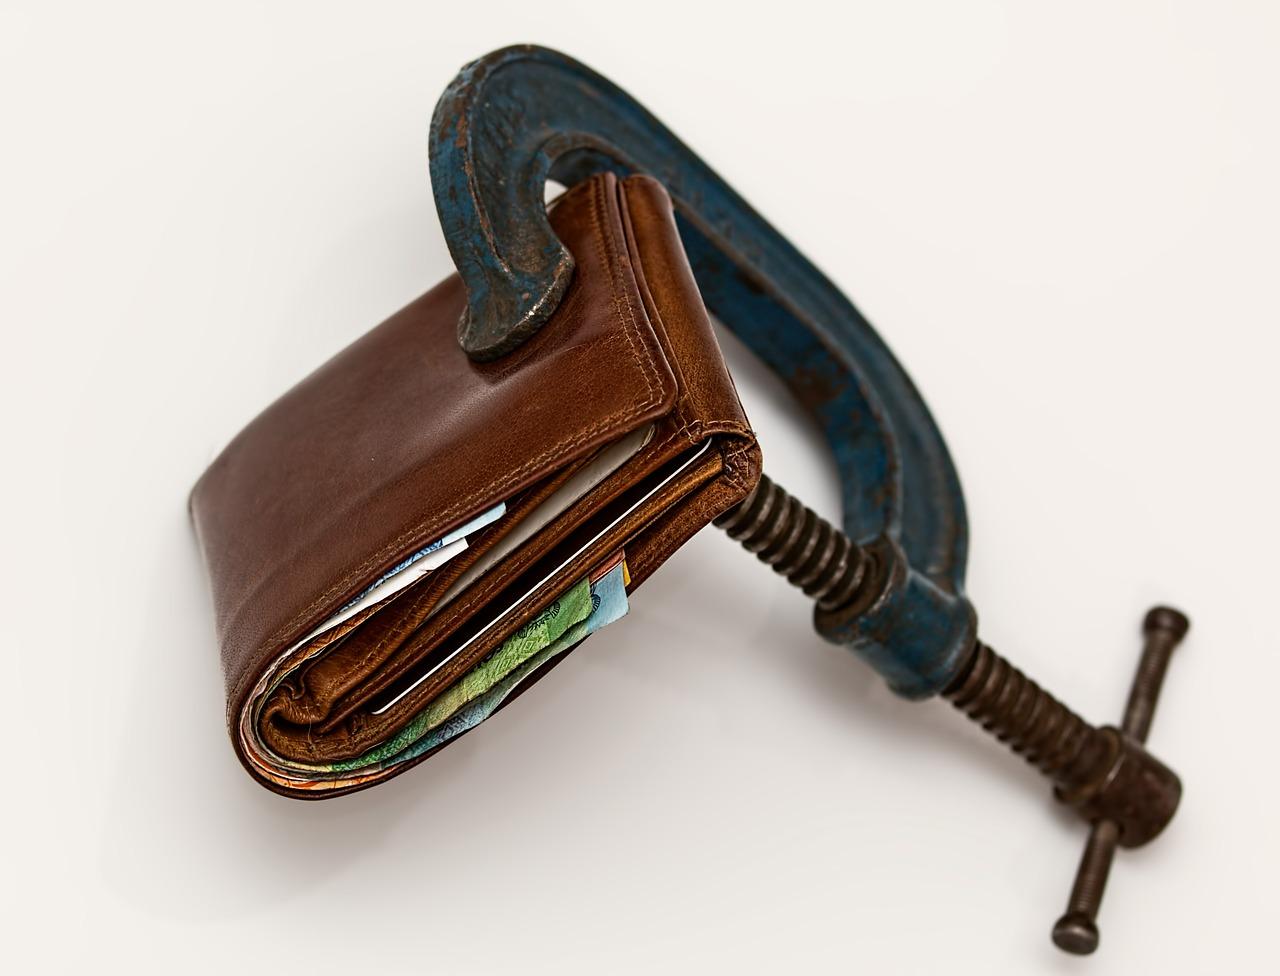 оптимизация расходов налоговые вычеты